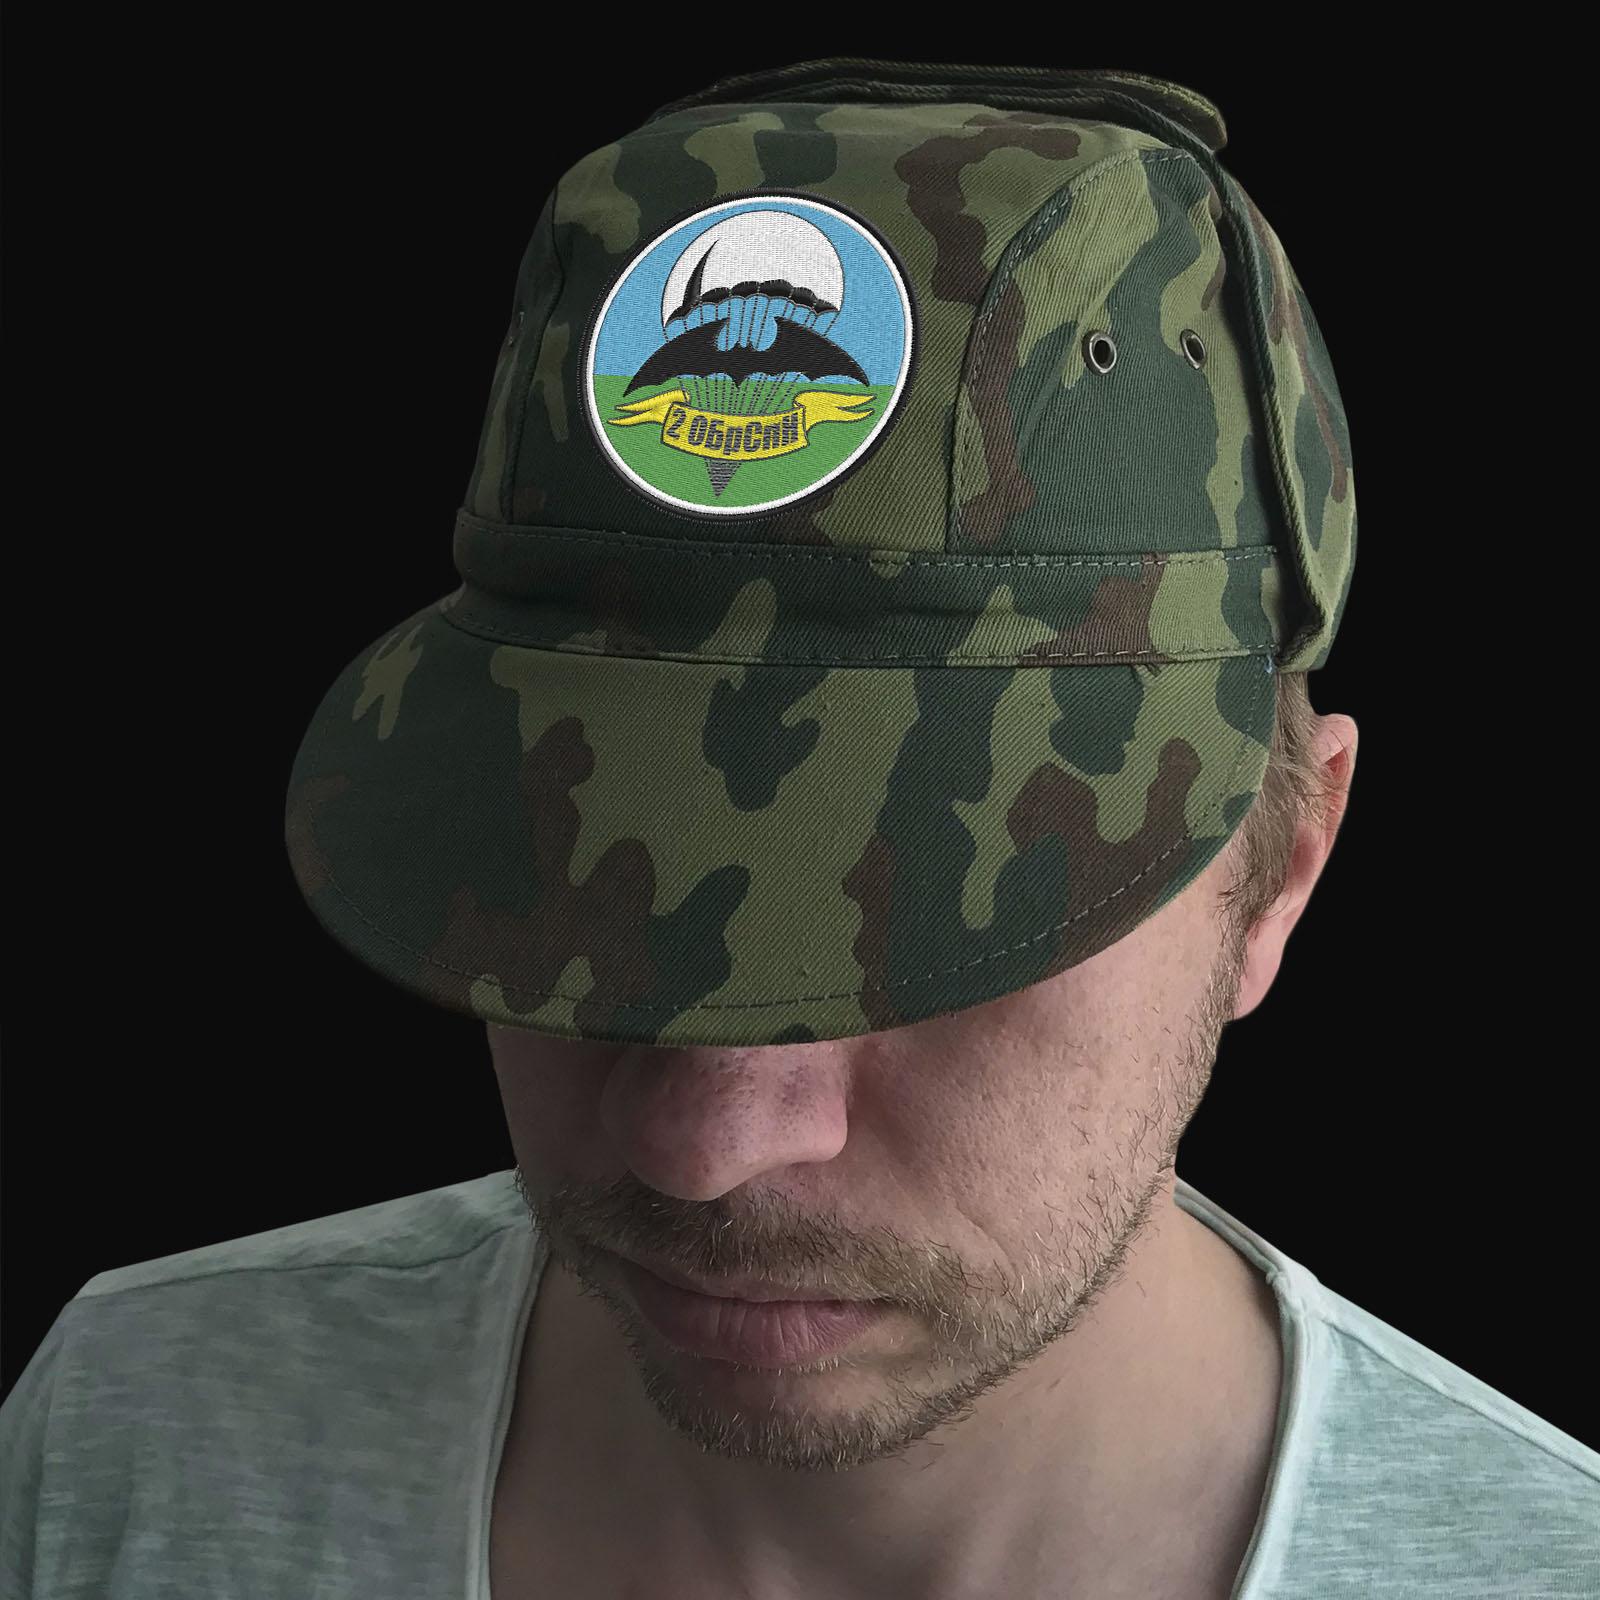 Мужская кепка с шевроном 2 ОБрСпН ГРУ